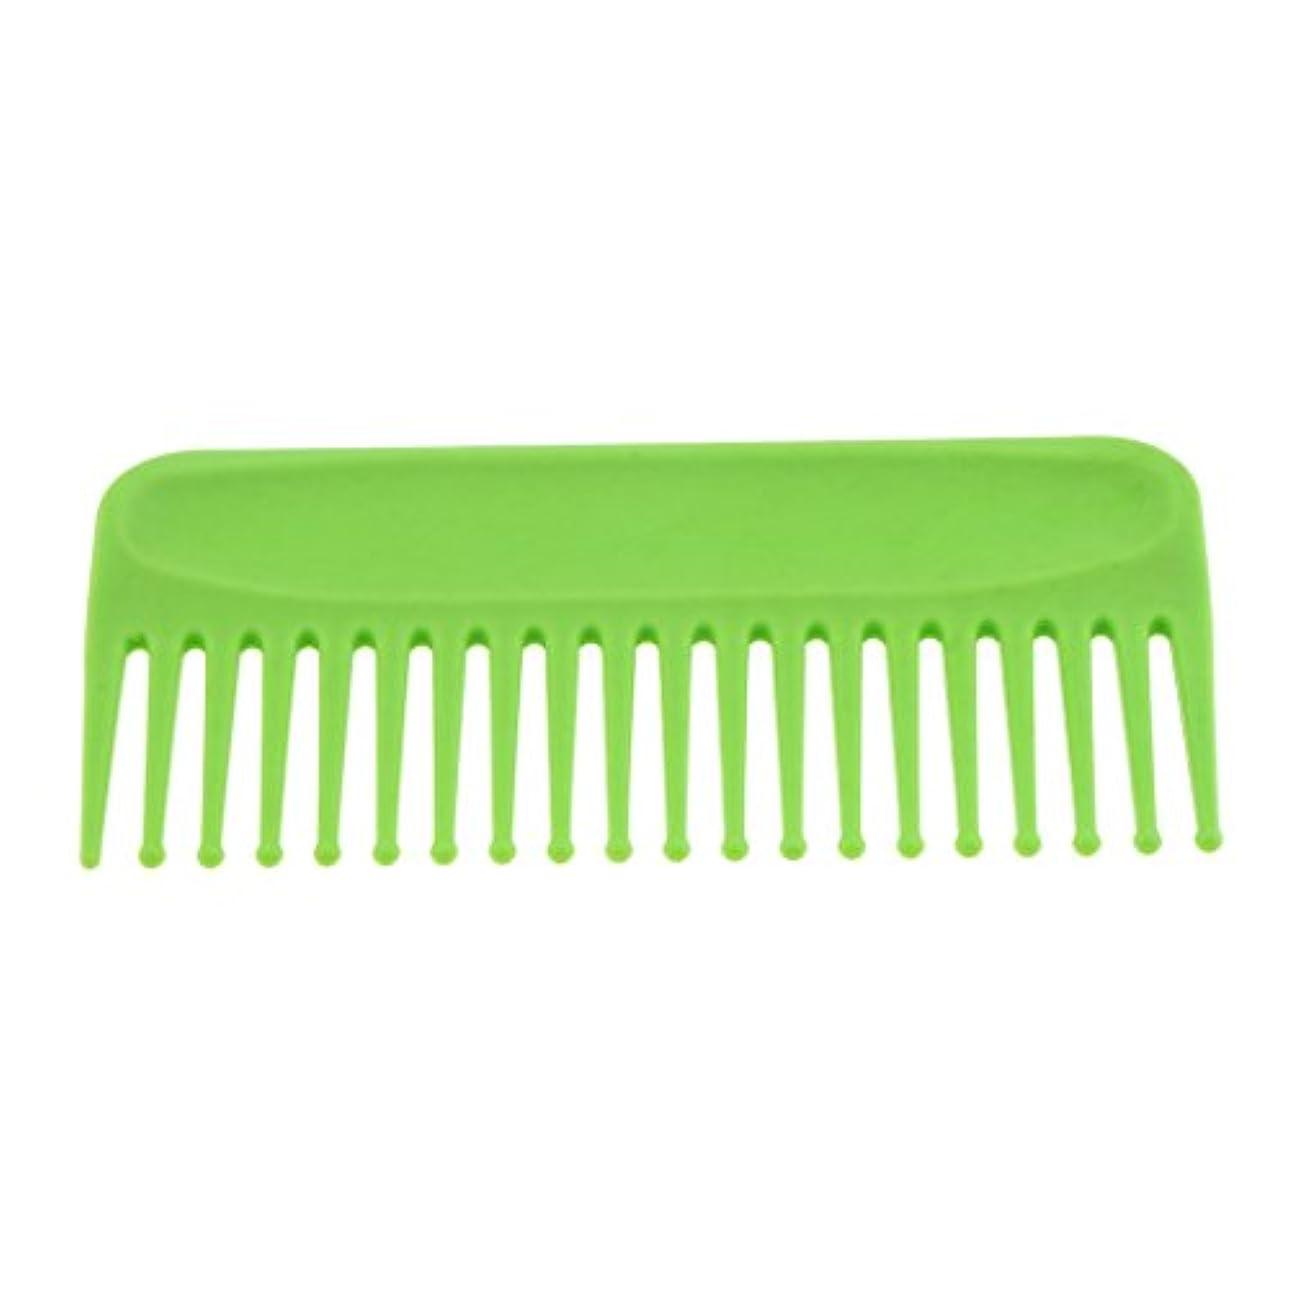 突撃壊滅的な引き受けるKesoto ヘアブラシ ヘアコーム コーム 櫛 くし サロン ヘアケア 耐熱性 帯電防止 頭皮 マッサージ 丸いヘッド 4色選べる - 緑